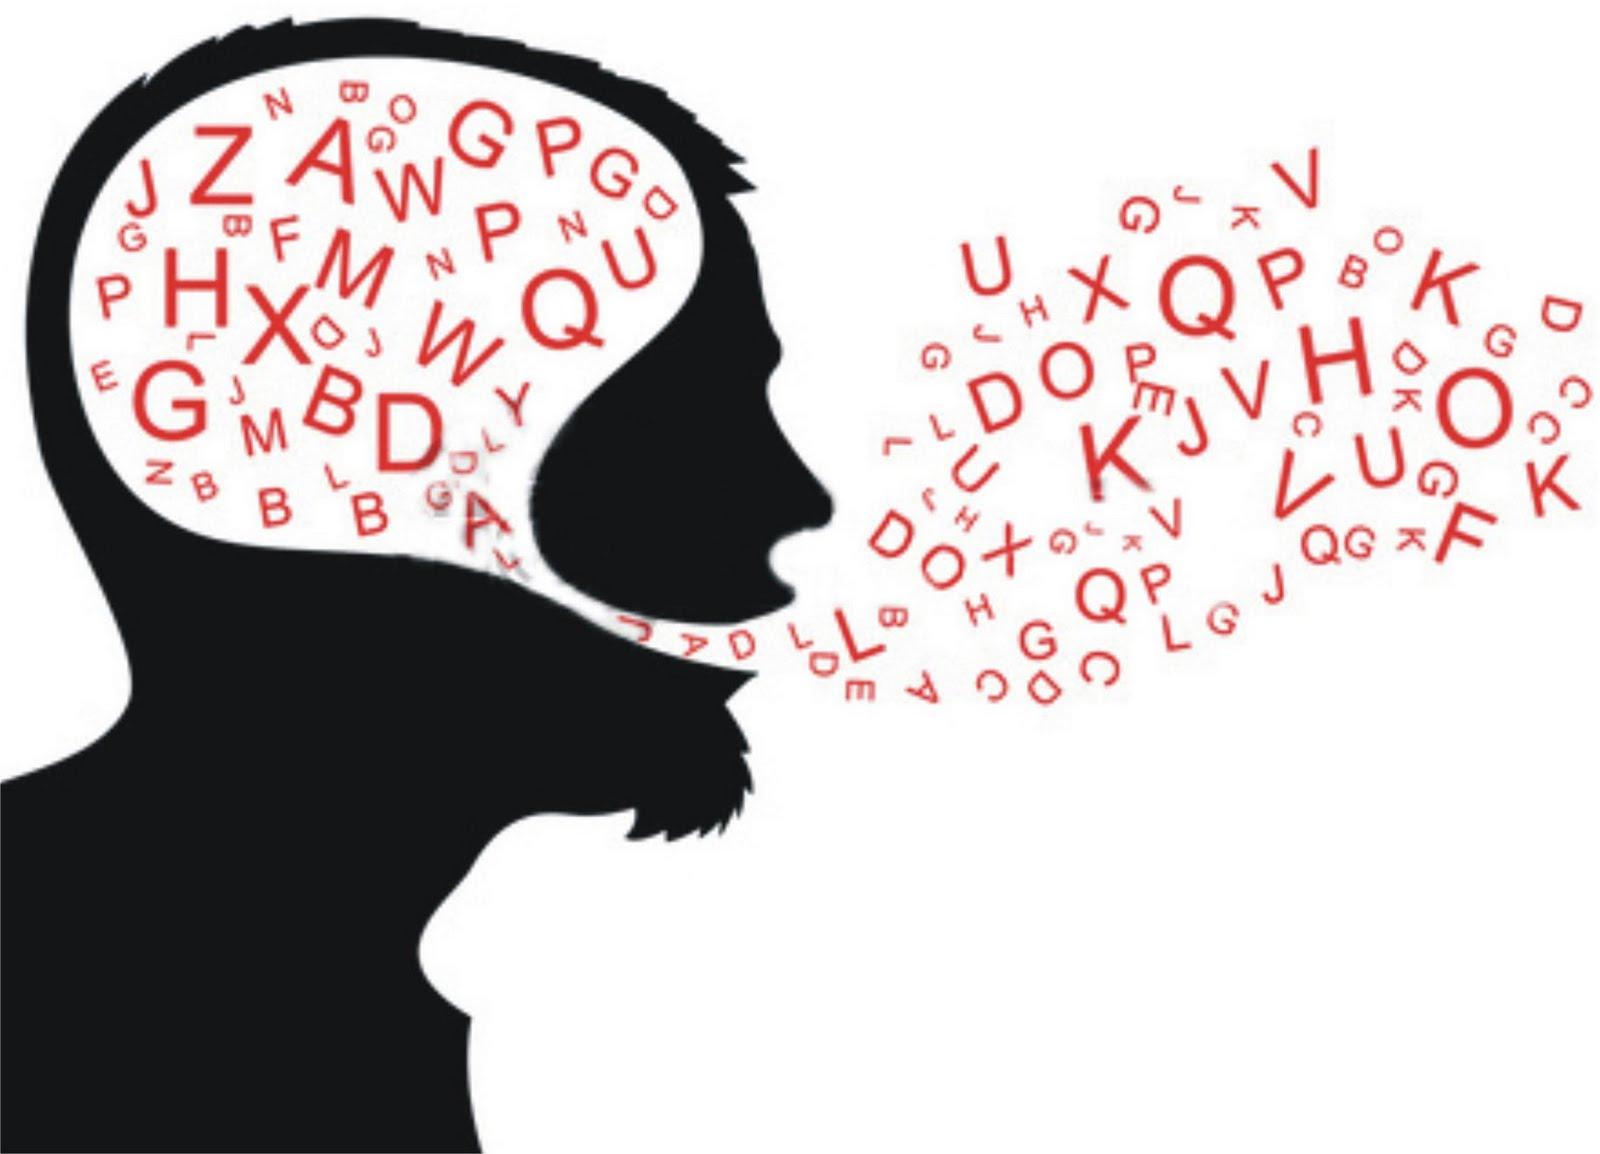 conversas-significativas-vs-conversas-irrelevantes